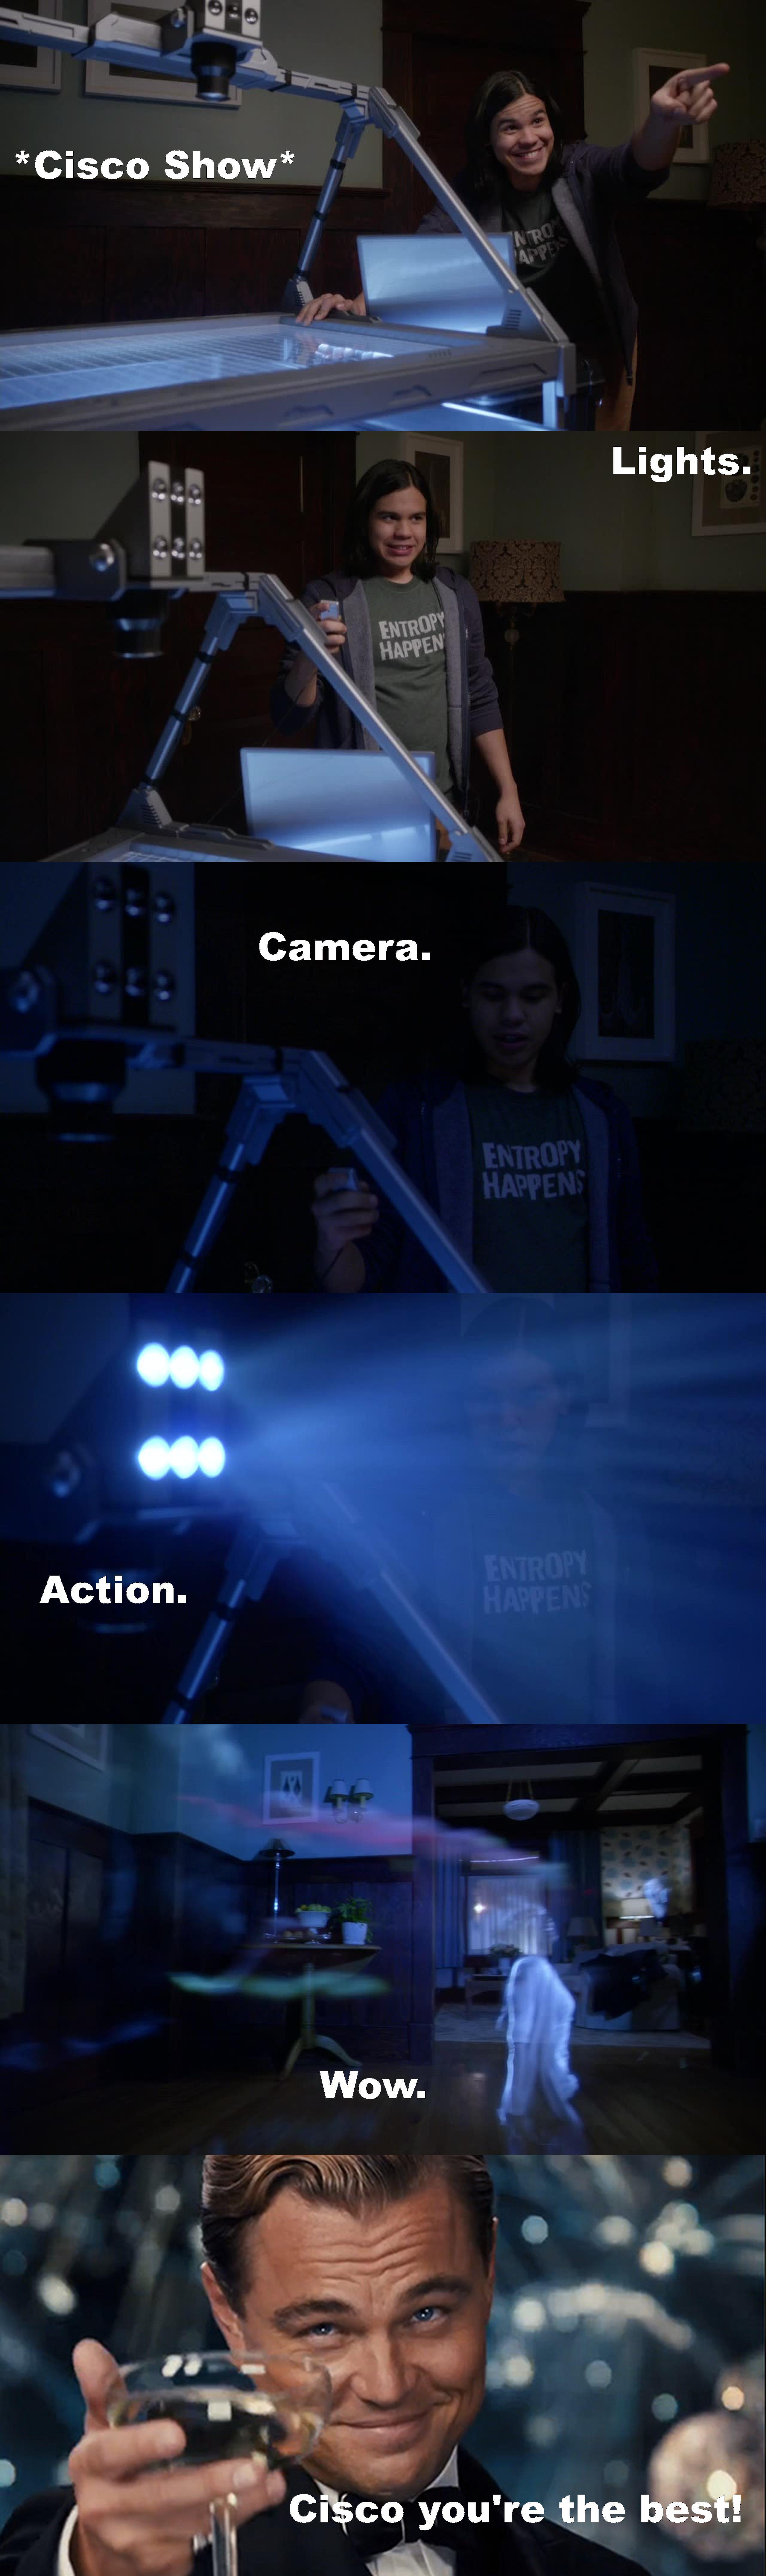 Super episode ! Et la cerise sur le gâteau c'est Iris qui se fait remettre à sa place par Barry!!!  Merci Cisco pour ces moments fun ! :)